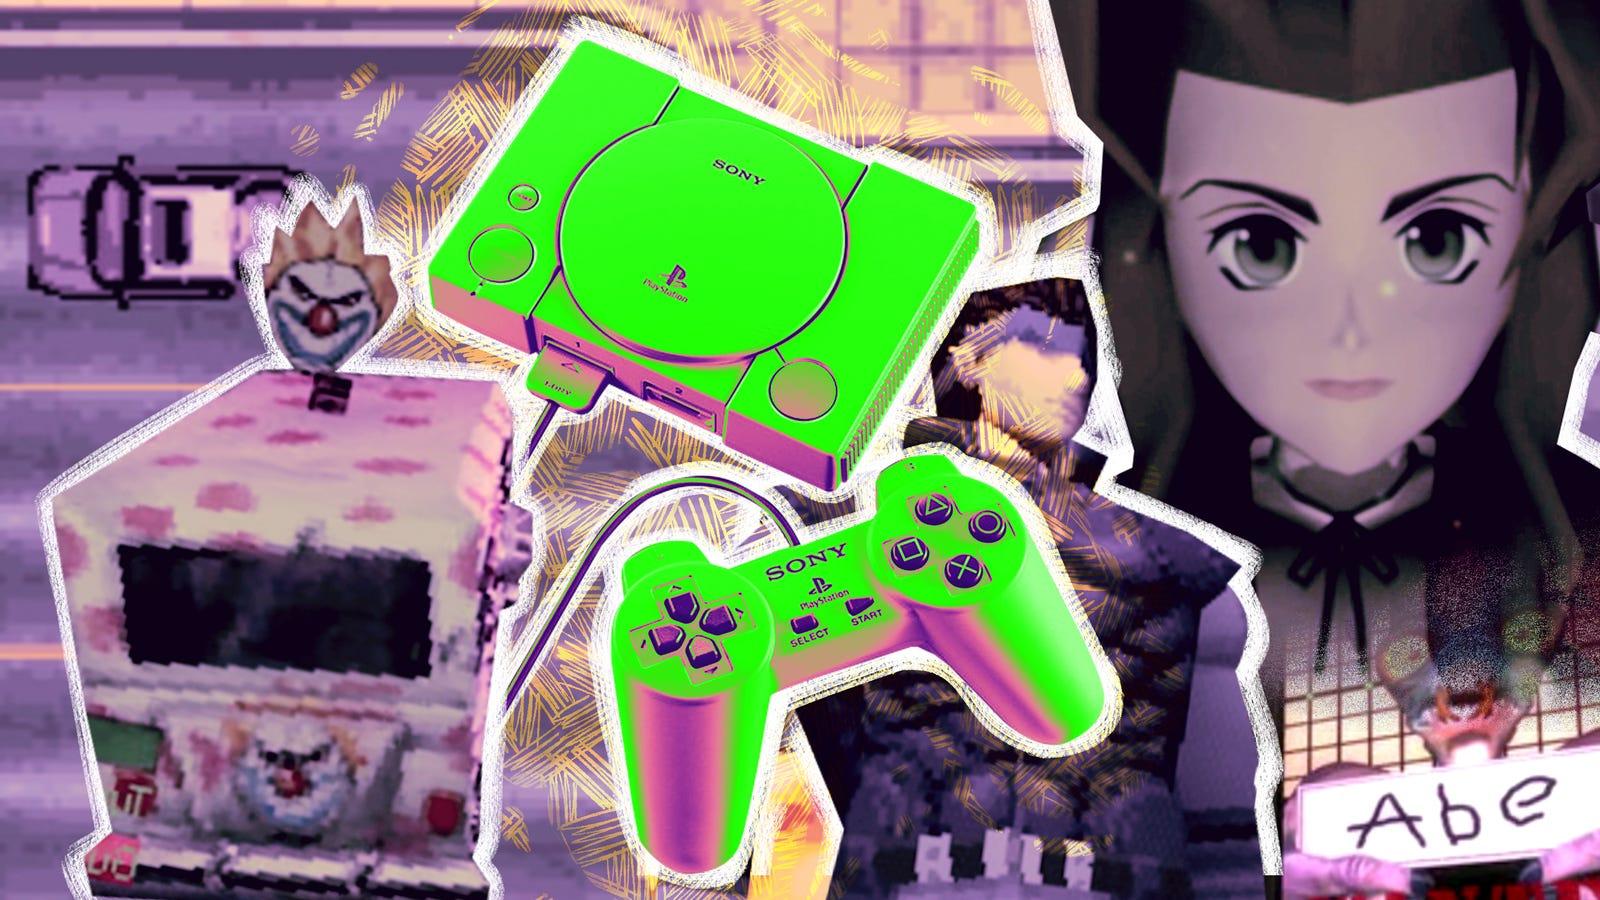 Beware the corporate video game canon